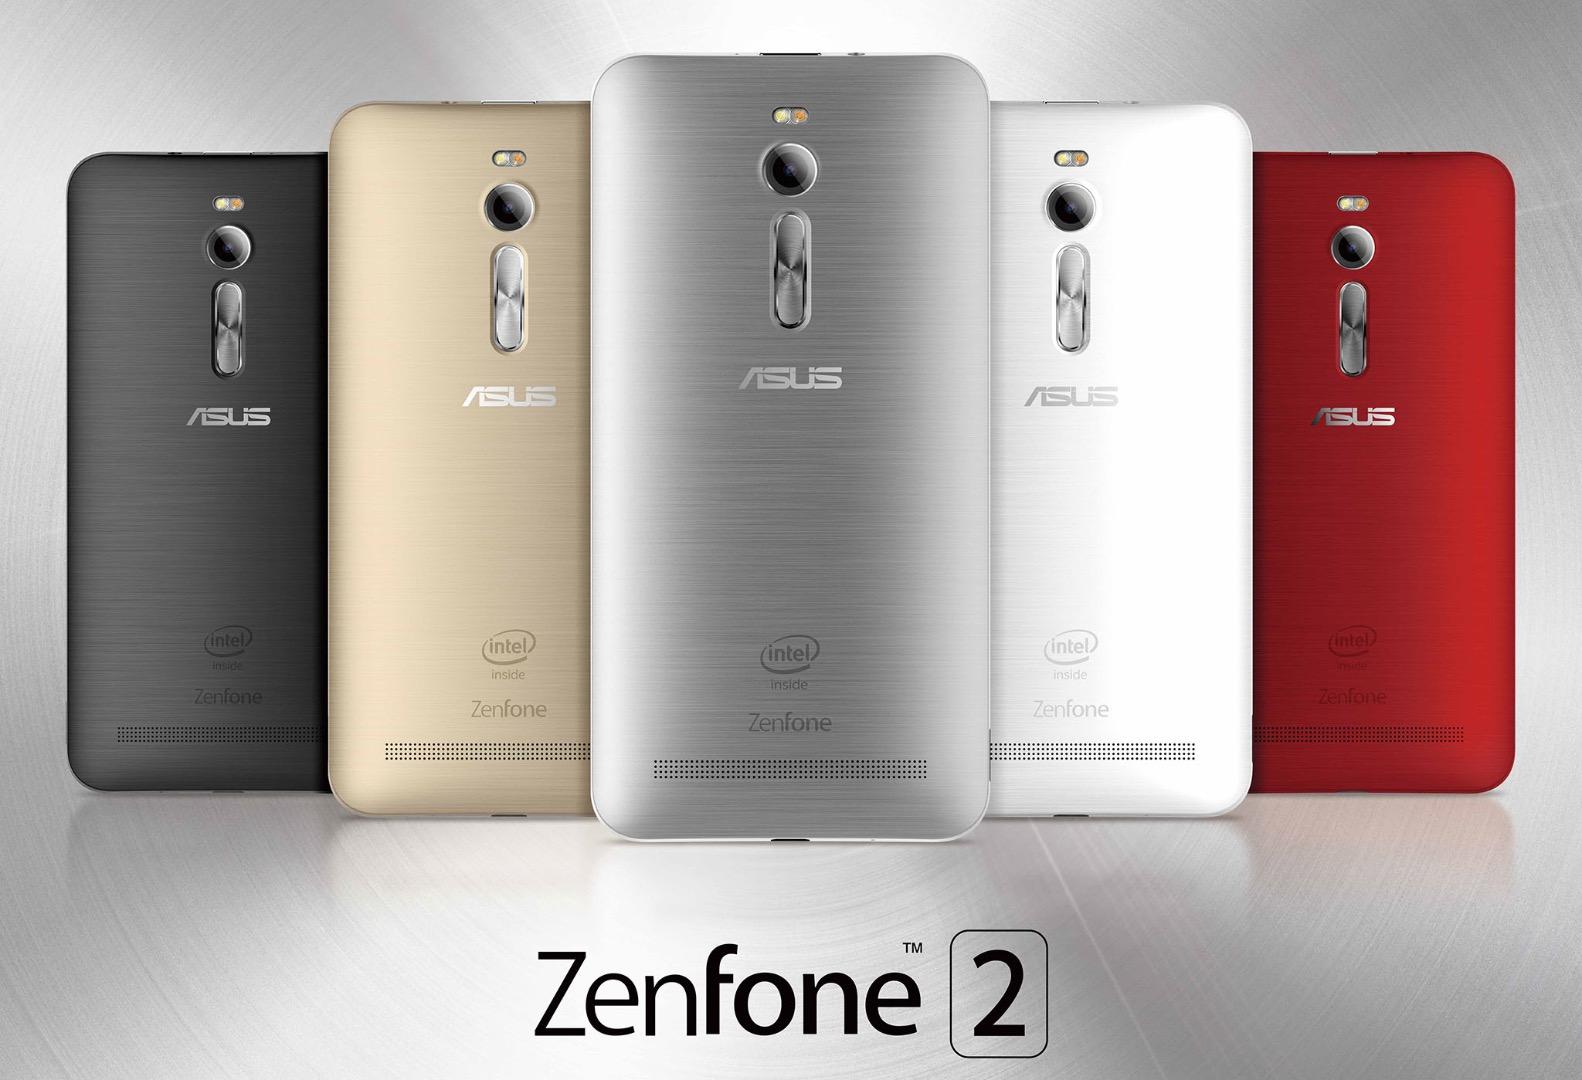 حمل جميع تطبيقات هاتف zenFone 2 لهاتفك للاندرويد